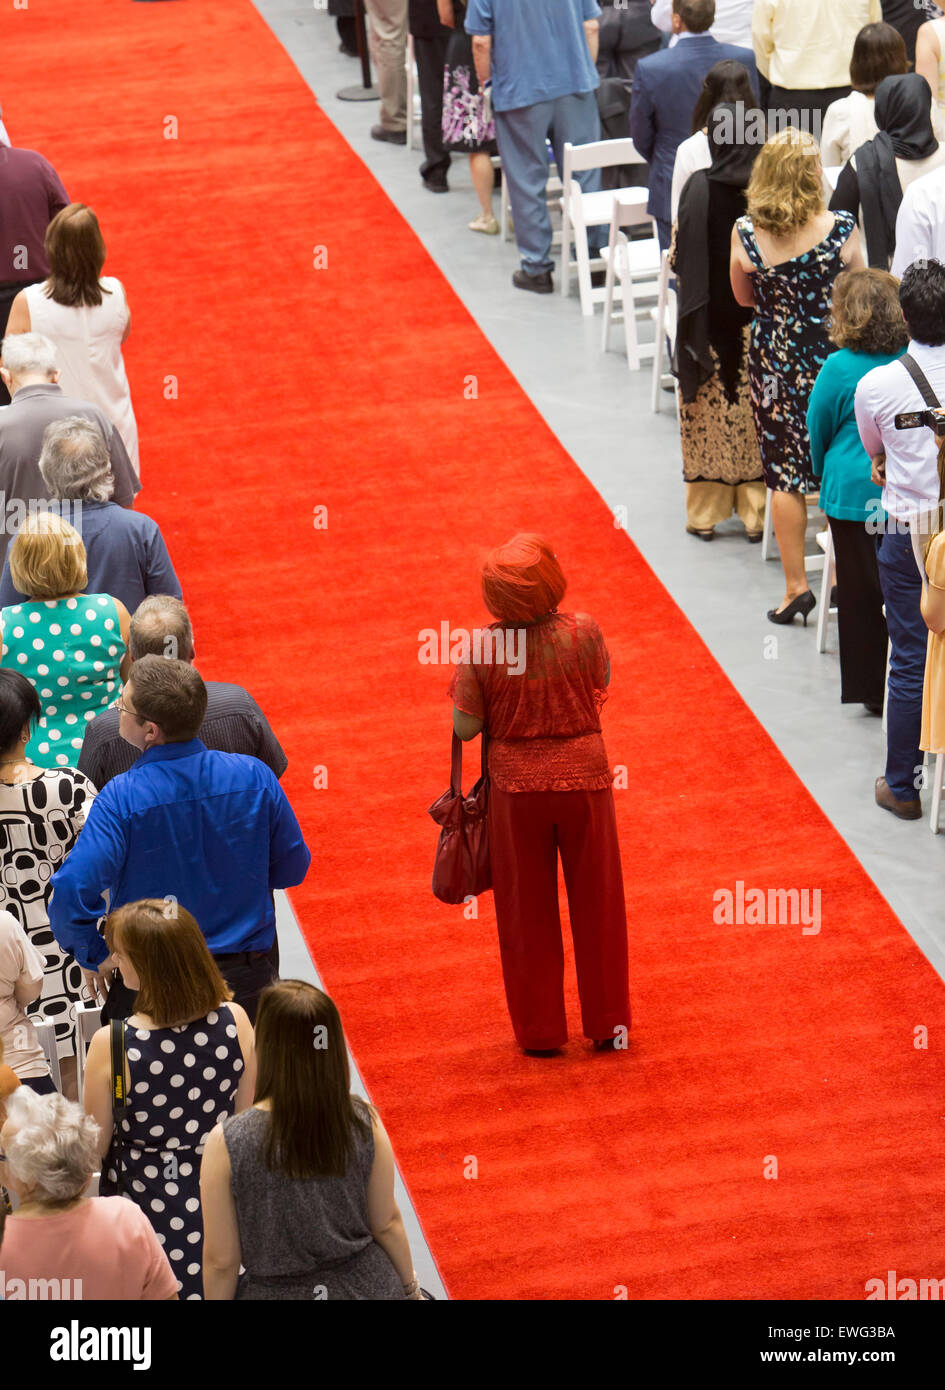 Detroit, Michigan - eine Frau steht auf dem roten Teppich an der University of Detroit Mercy School of Law Abschlussfeier. Stockbild